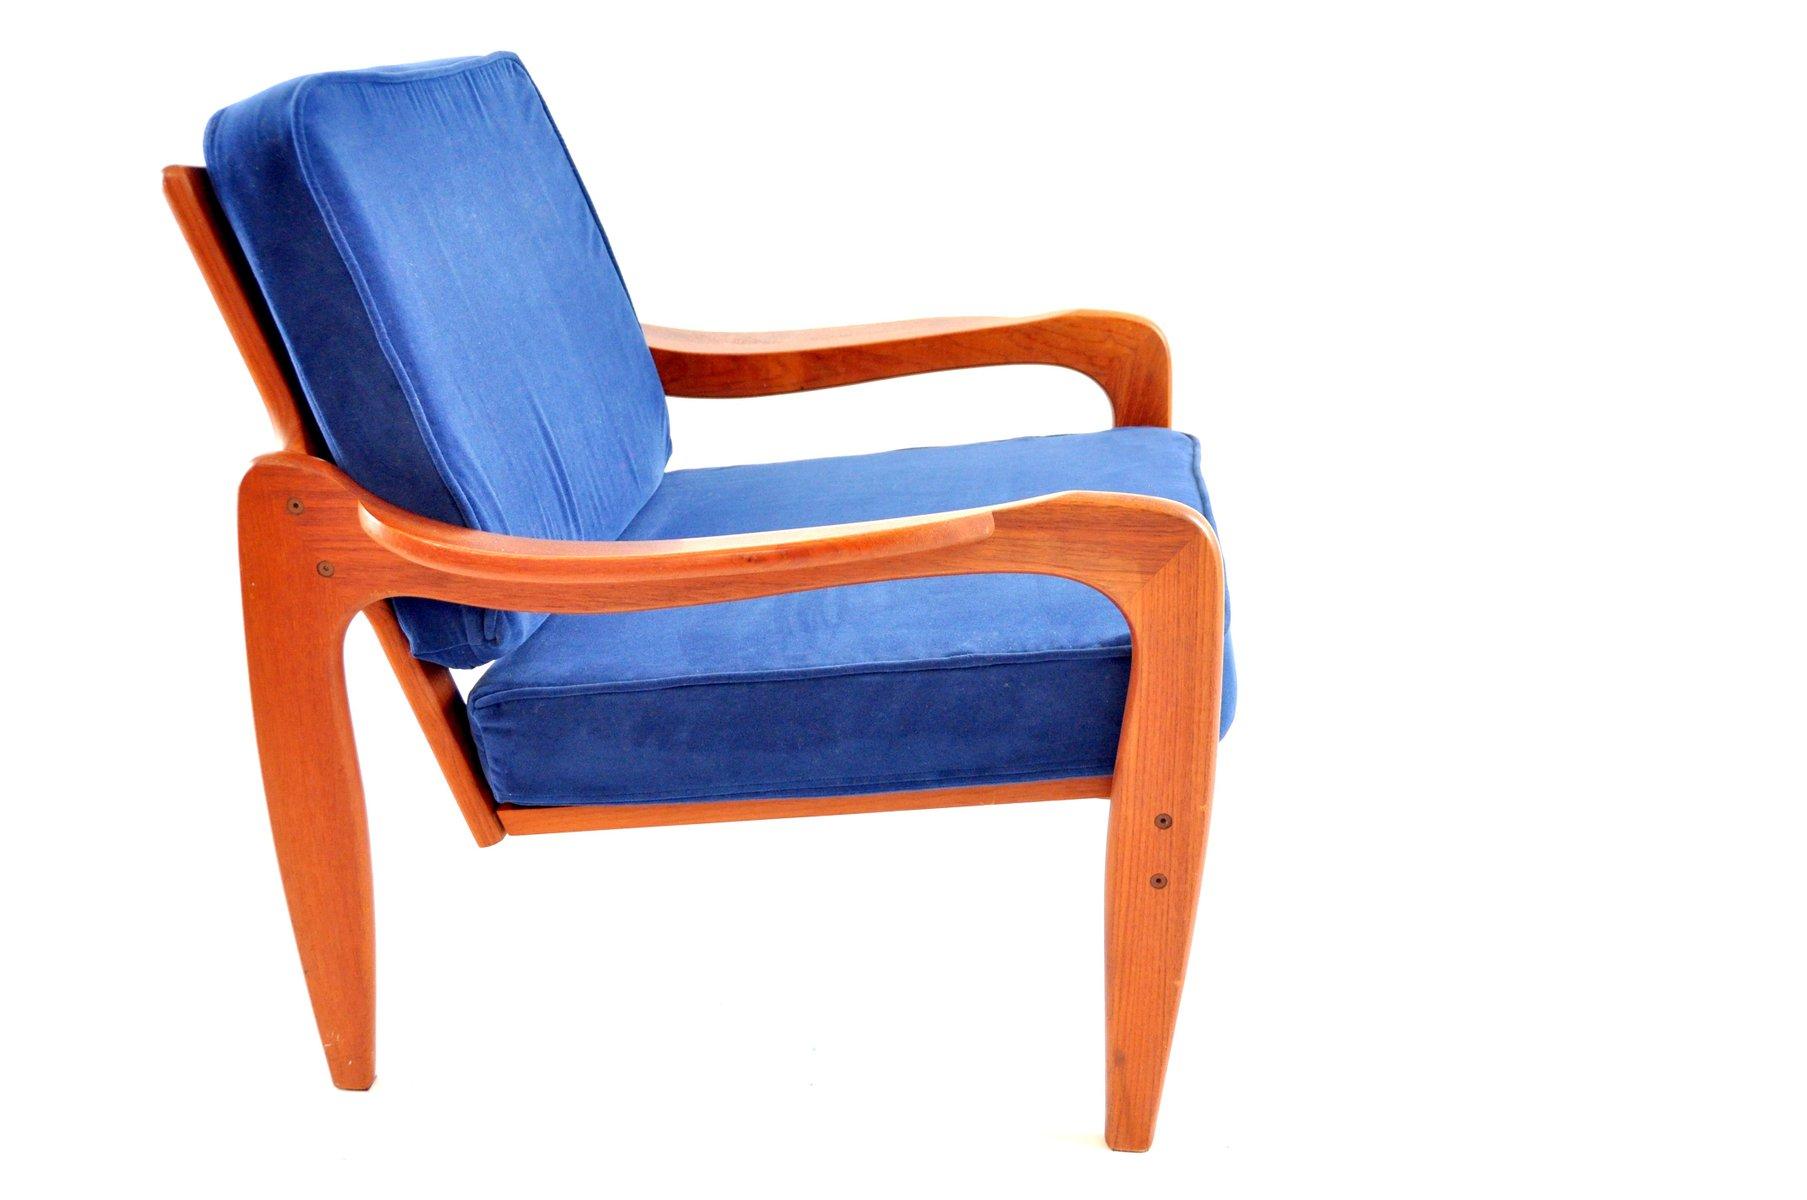 d nischer vintage teak sessel von komfort bei pamono kaufen. Black Bedroom Furniture Sets. Home Design Ideas